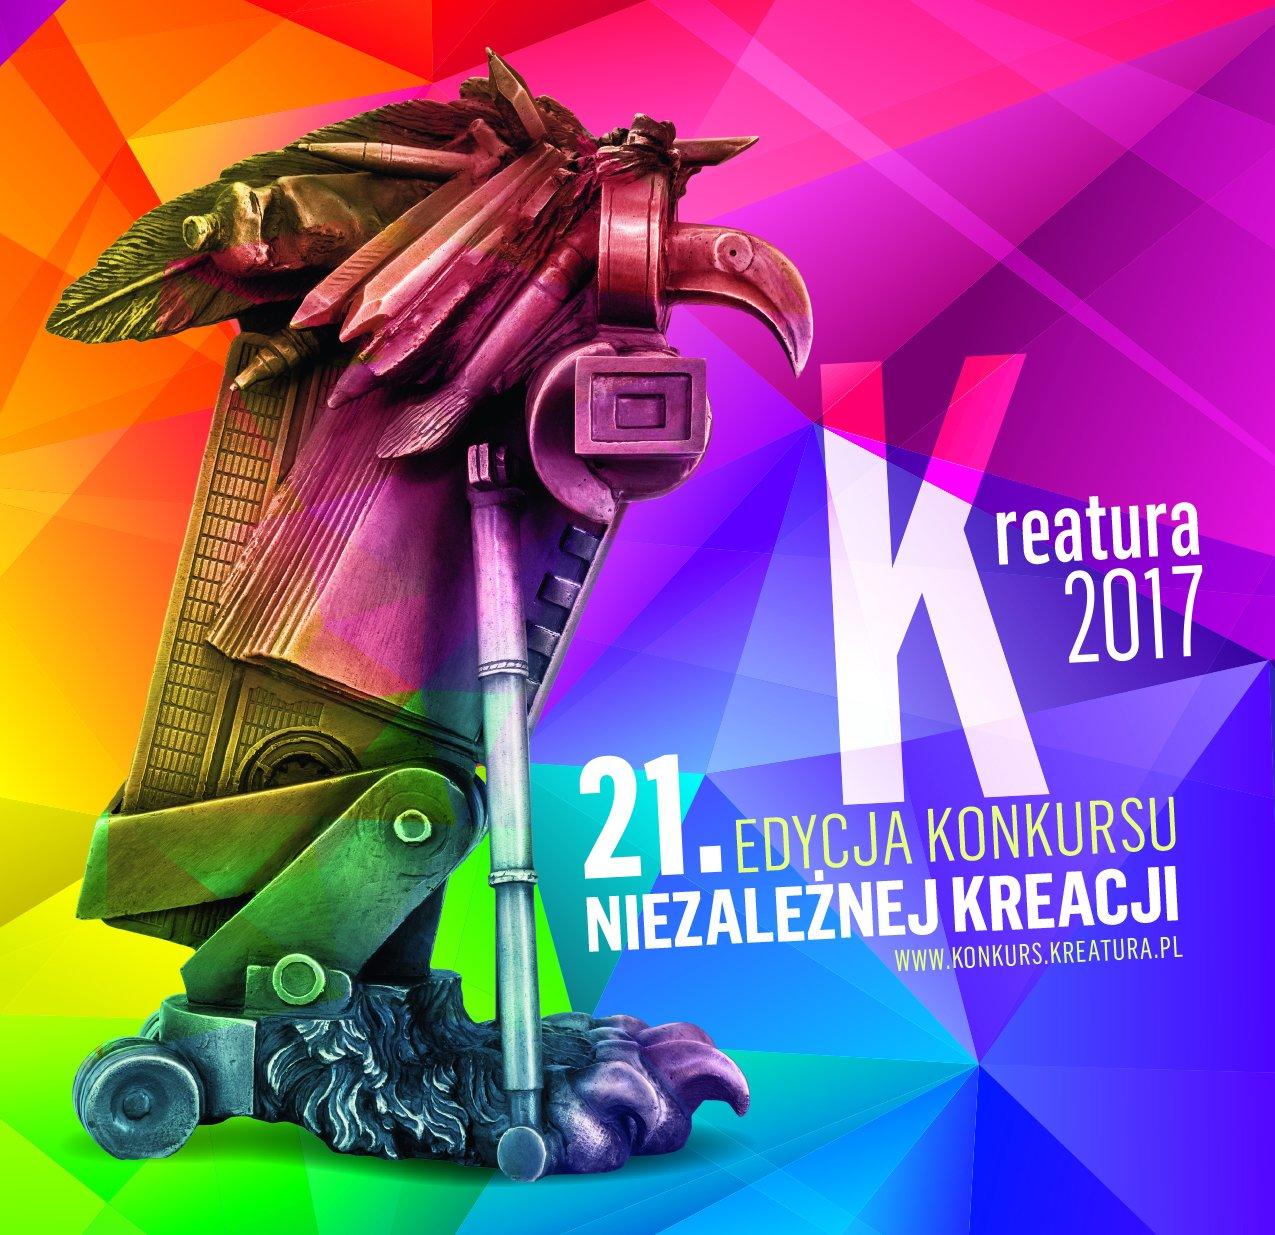 132 projekty walczą o Kreaturę 2017